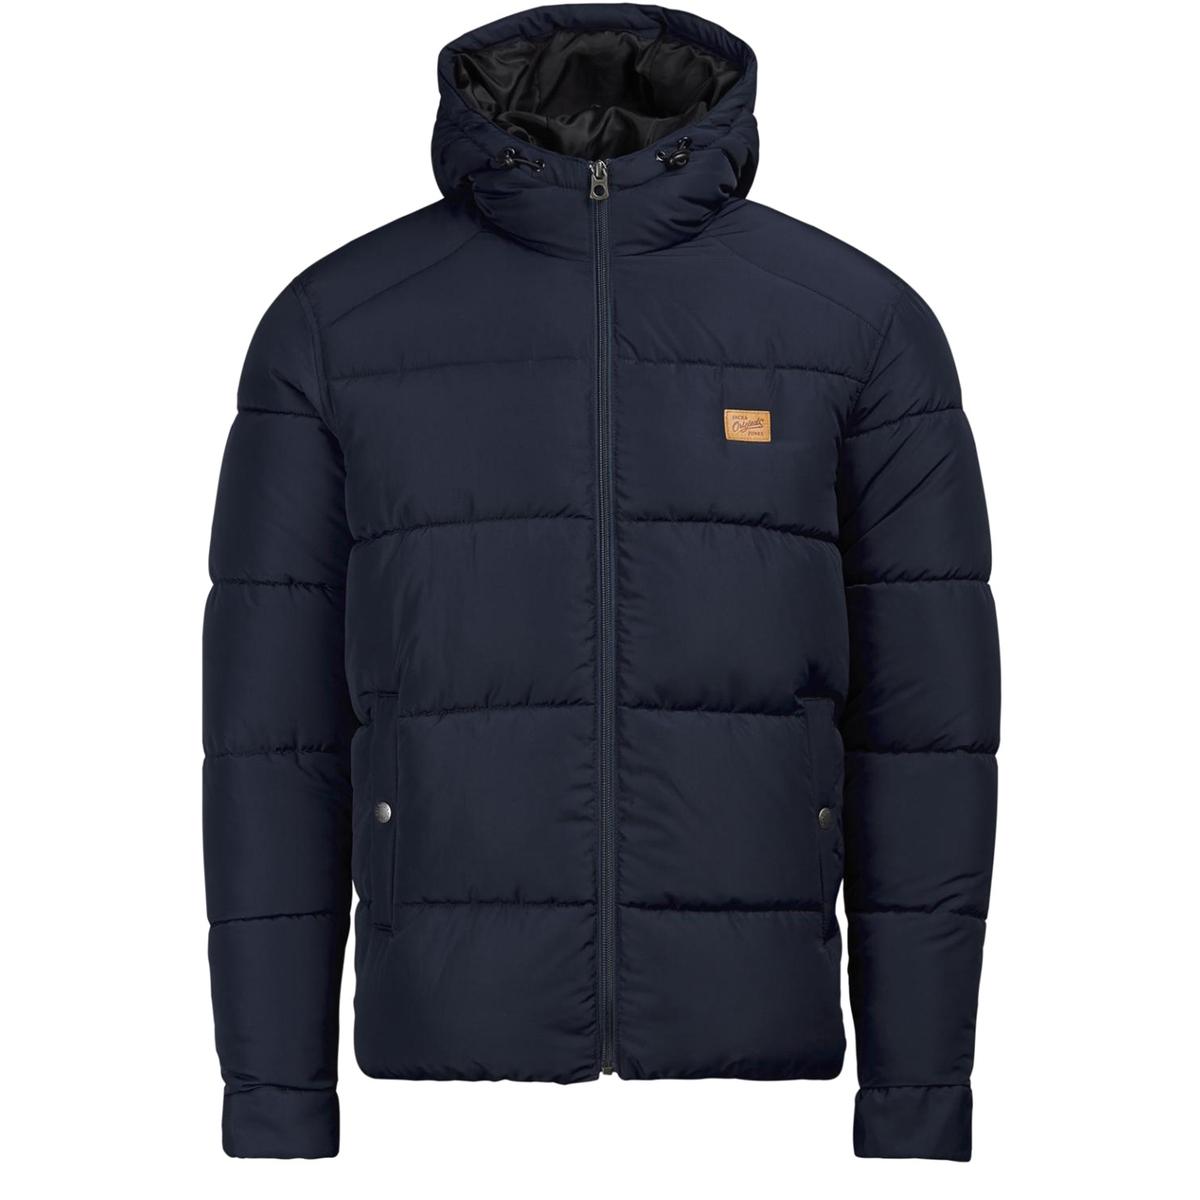 Стеганая куртка с капюшономСтеганая куртка с капюшоном JACK &amp; JONES. Прямой покрой, воротник стойка с капюшоном. Карманы по бокам. Вставки на плечах. Эластичный низ. Состав и описаниеМатериал: 100% полиэстерМарка: JACK &amp; JONES<br><br>Цвет: темно-синий<br>Размер: L